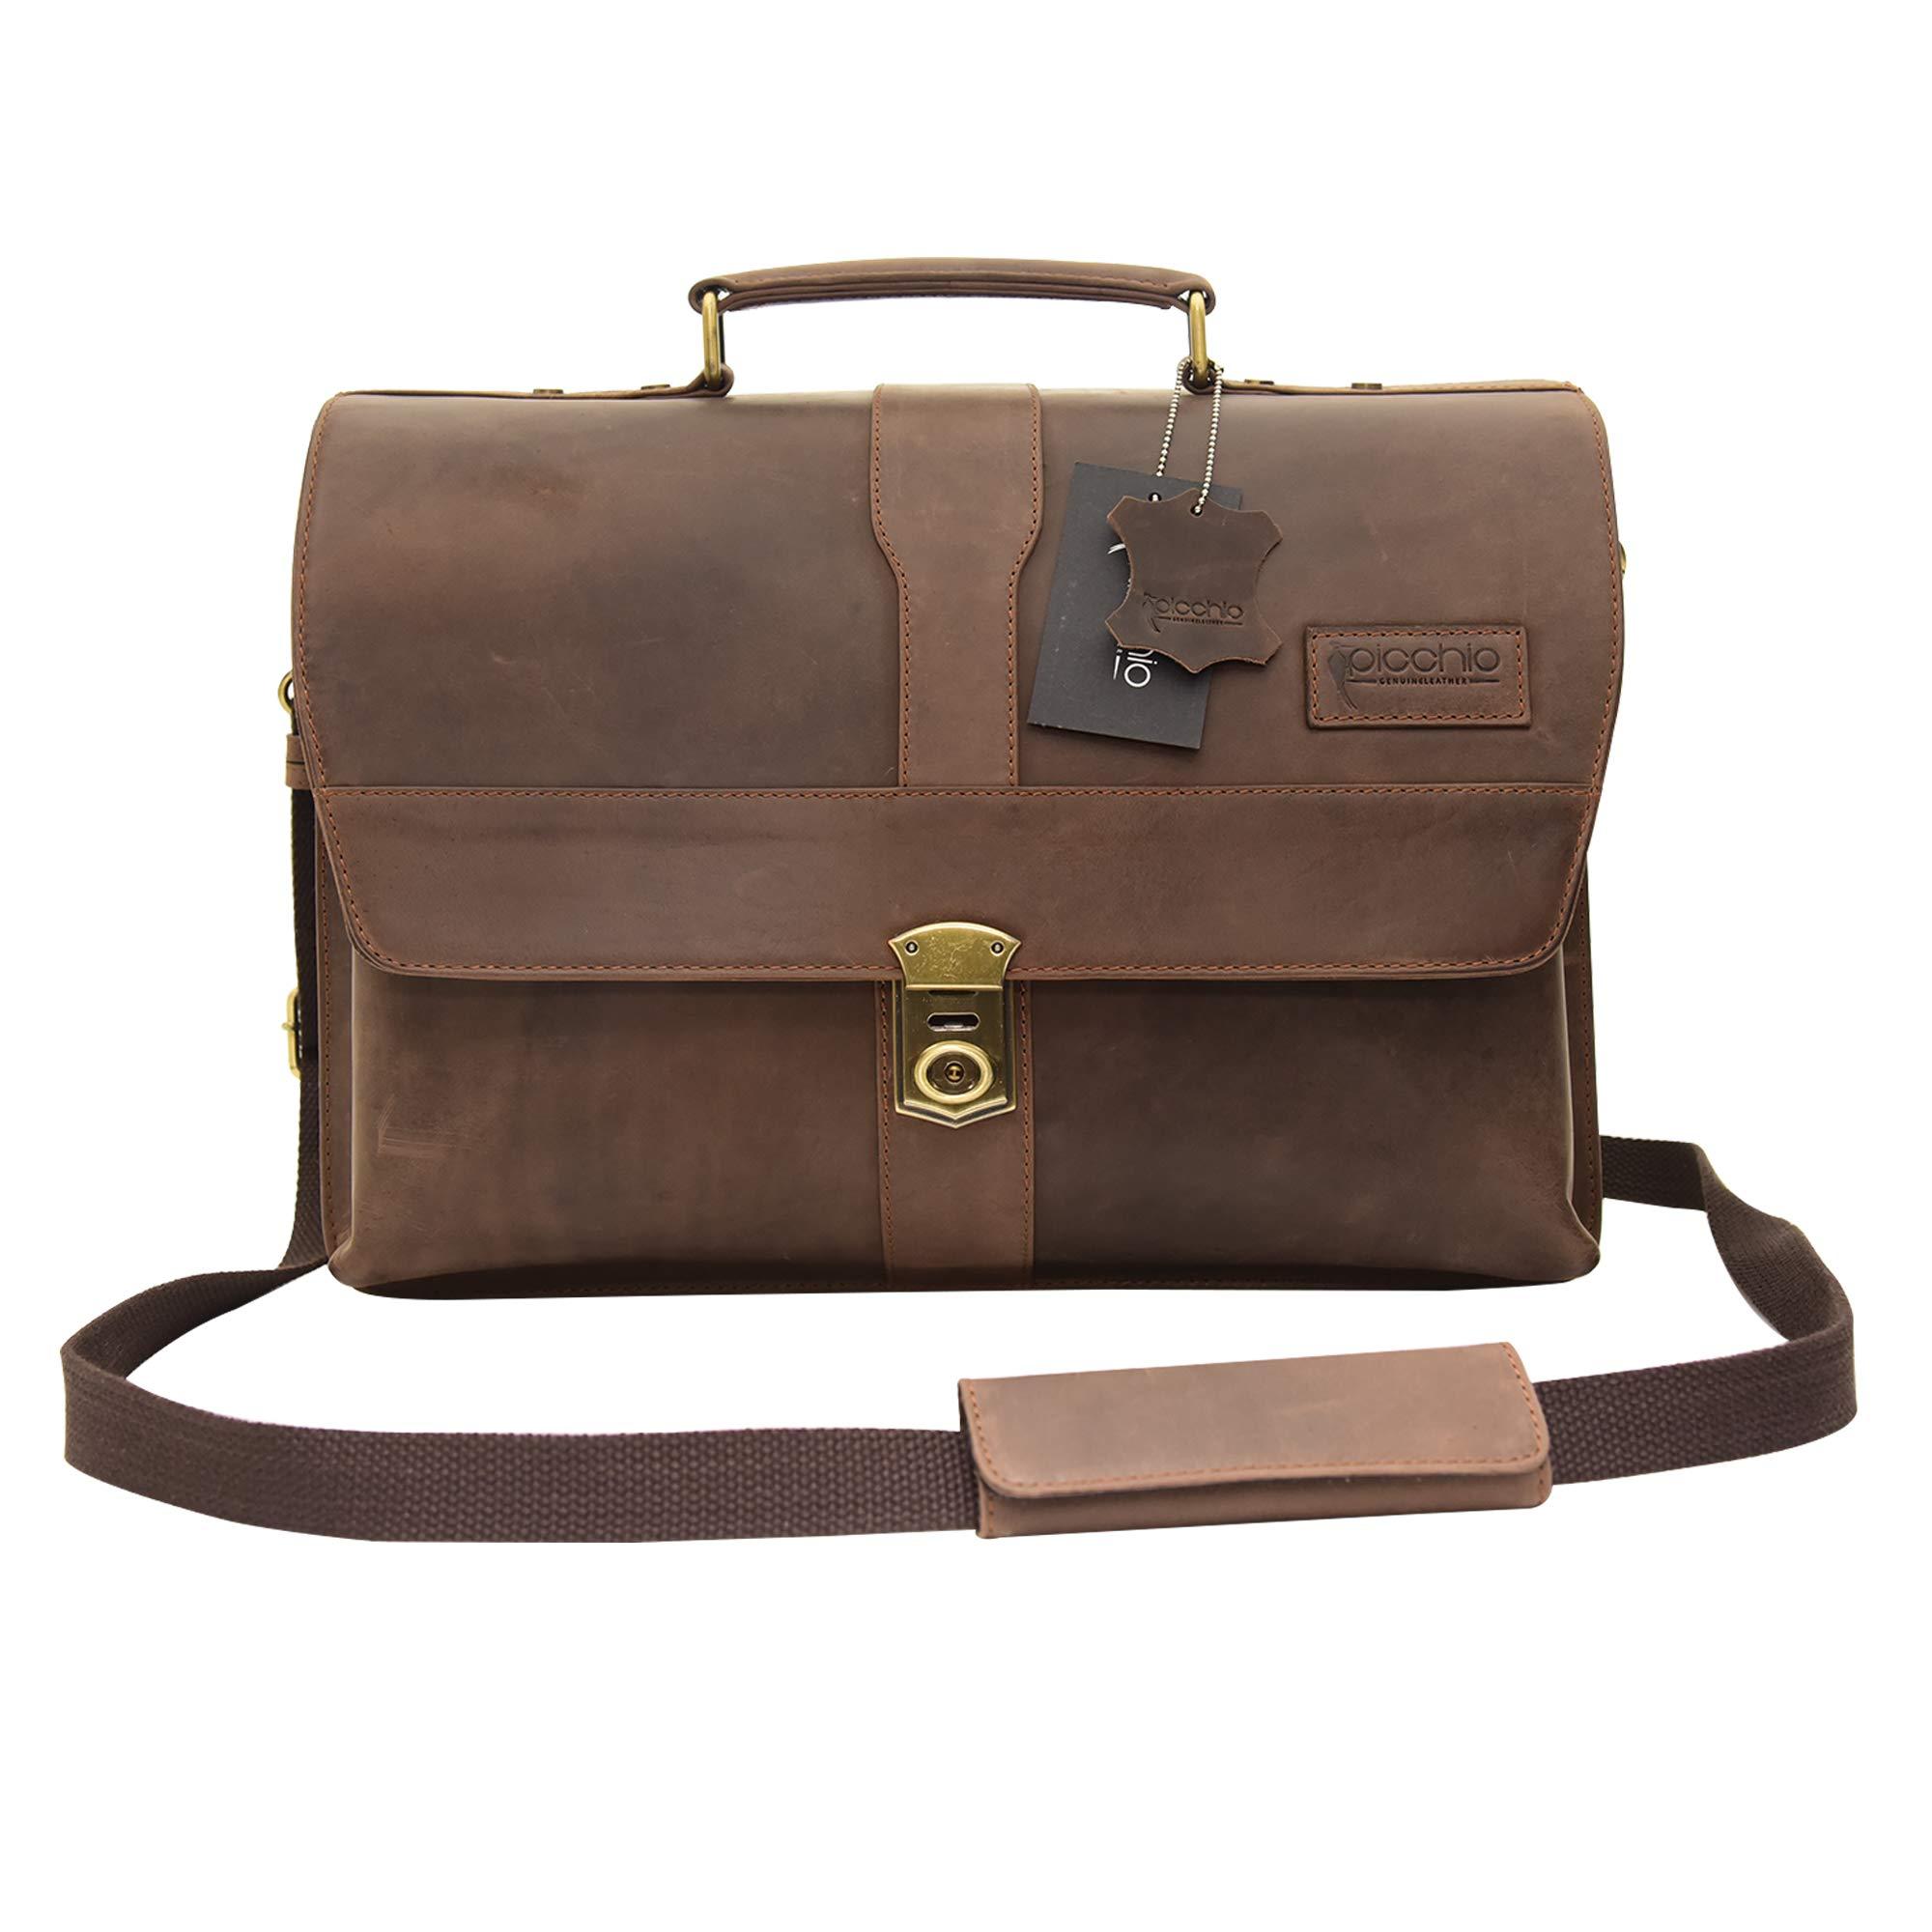 Picchio Men's Genuine Brown Leather Satchel Bag, Messenger Shoulder Bag